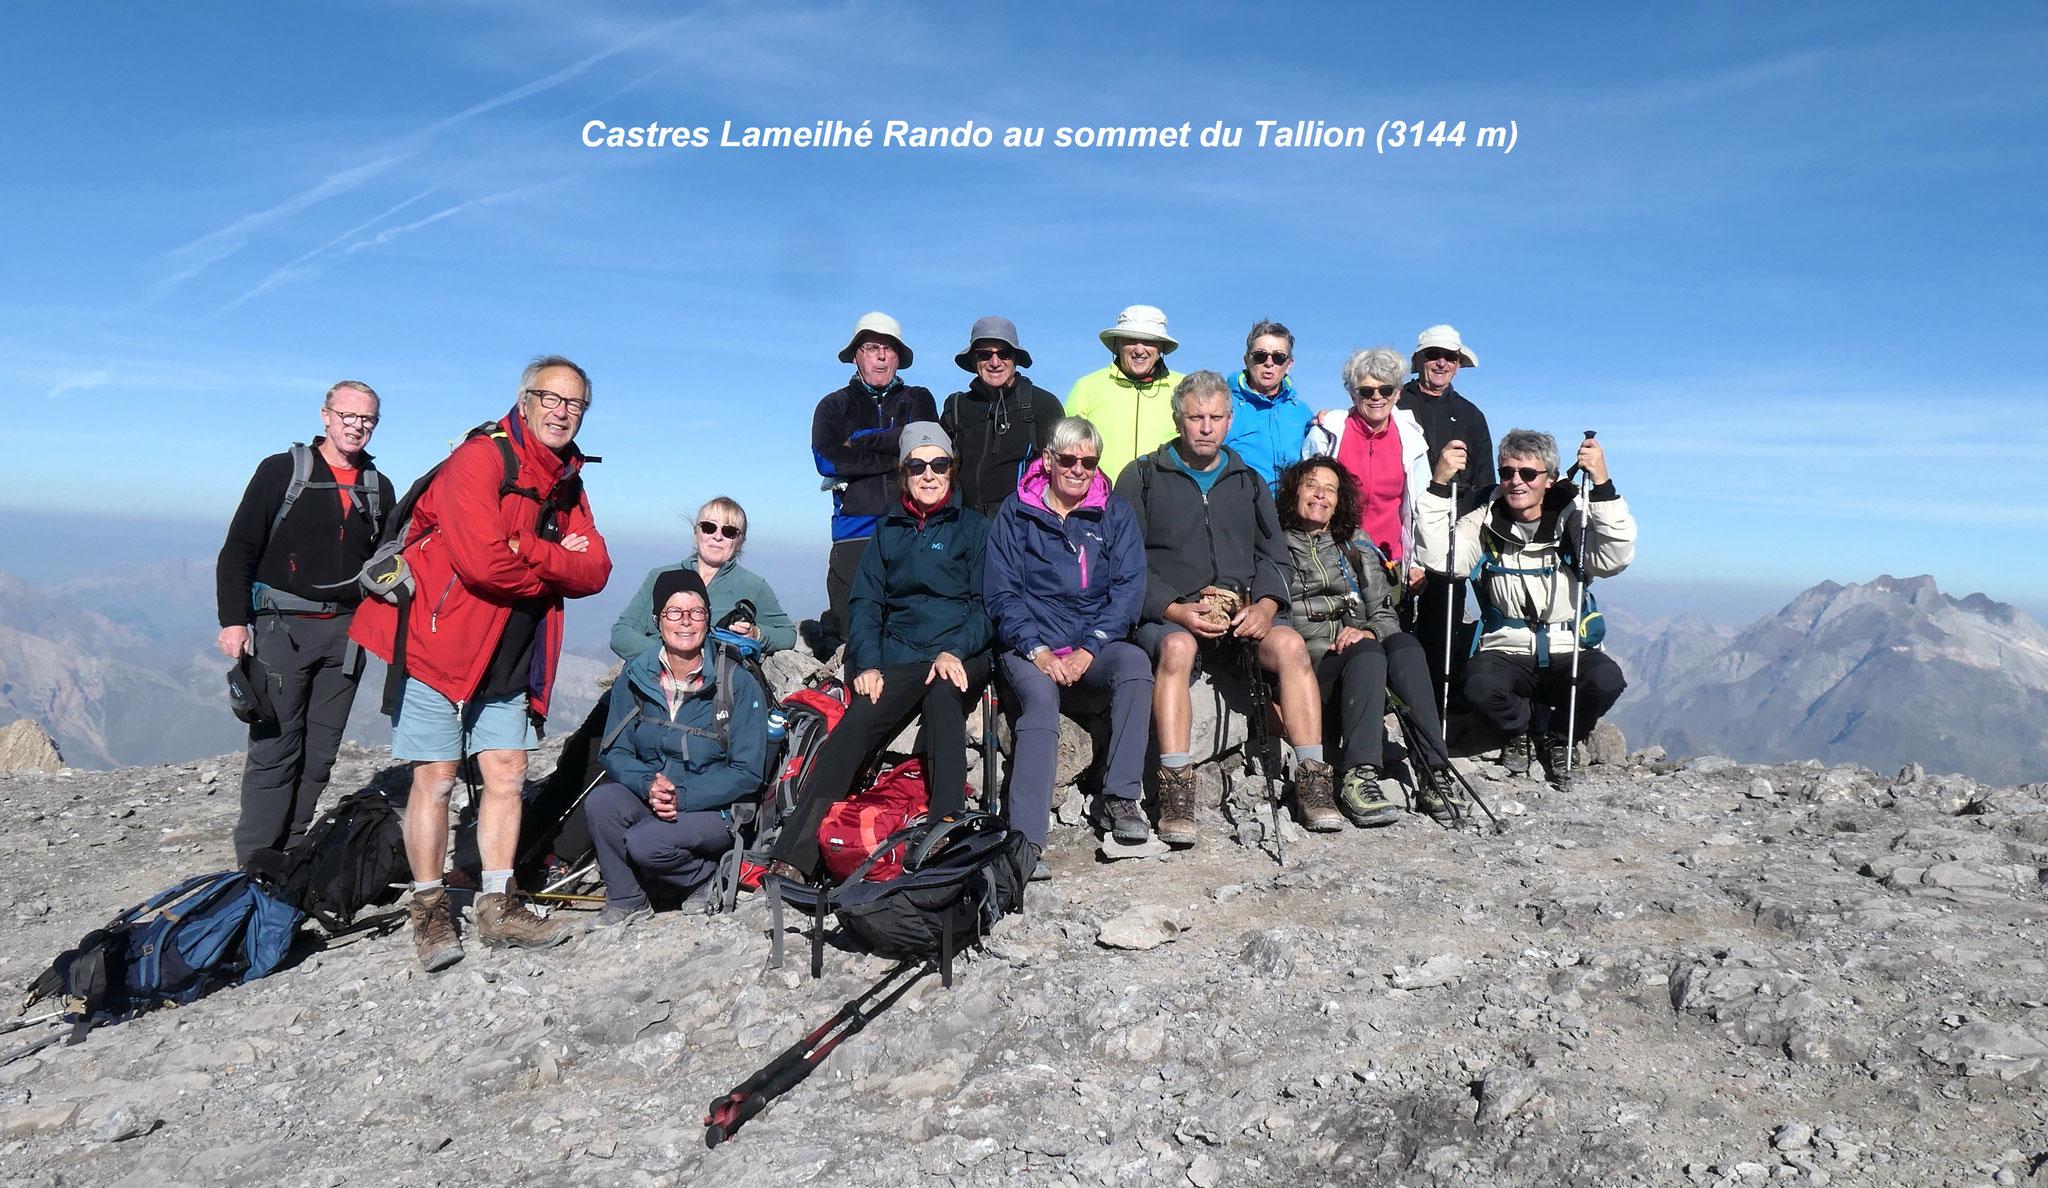 Premier séjour en montagne pour Castres Lameilhé Rando - Crédit photo Castres Lameilhé Rando